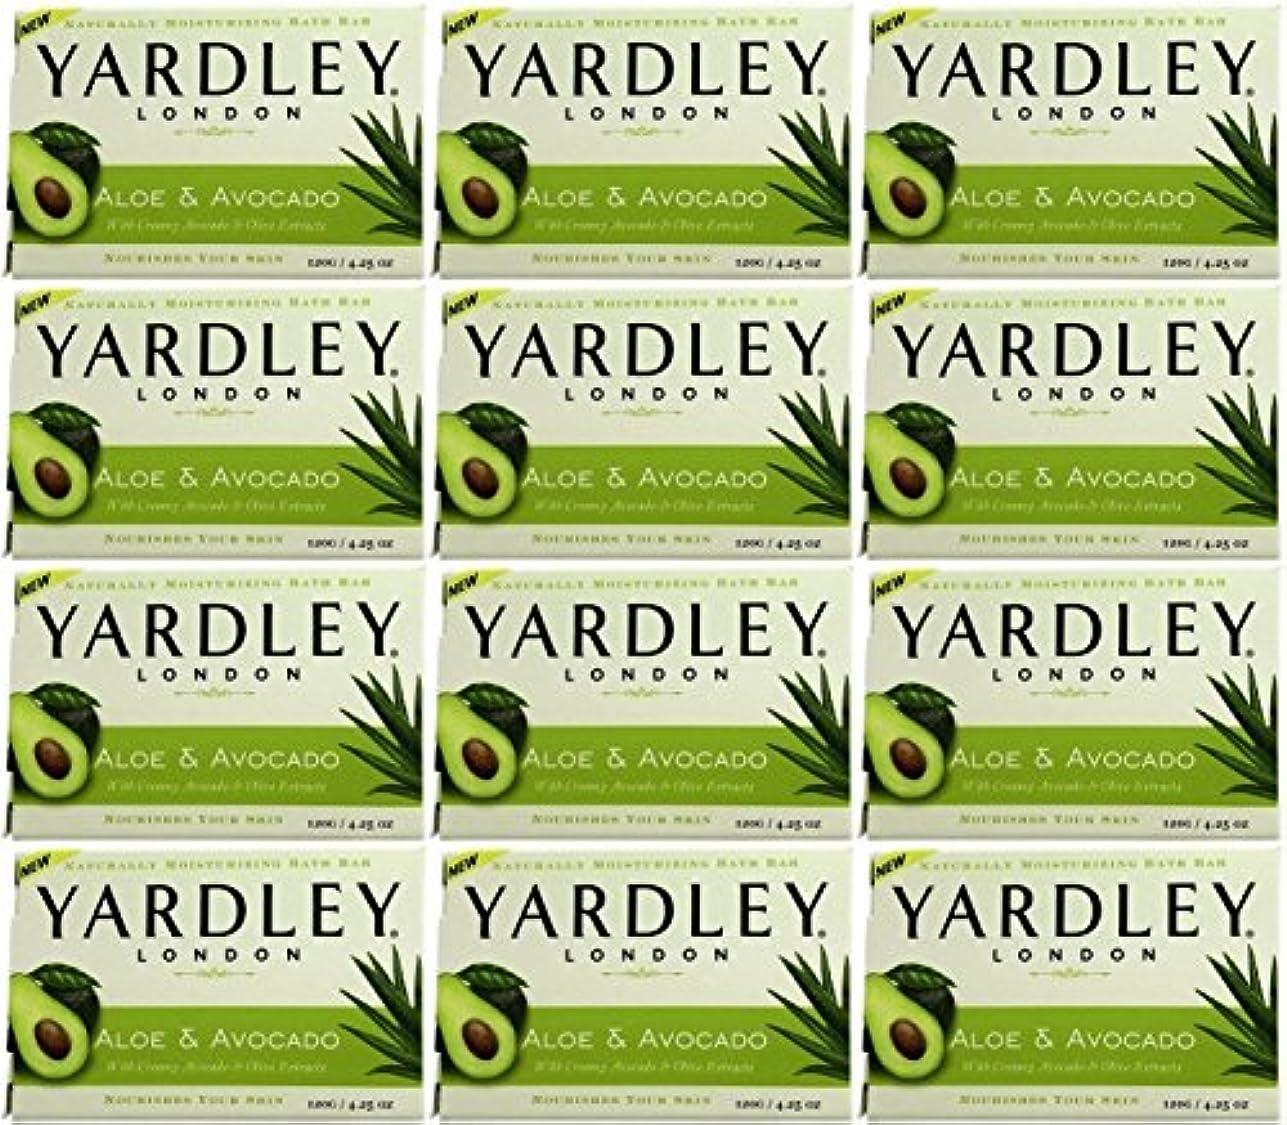 ドア壊す欺くYardley ロンドンアロエアボカド当然のことながら保湿入浴バー4.25オズ(12パック) 12のパック ヌル